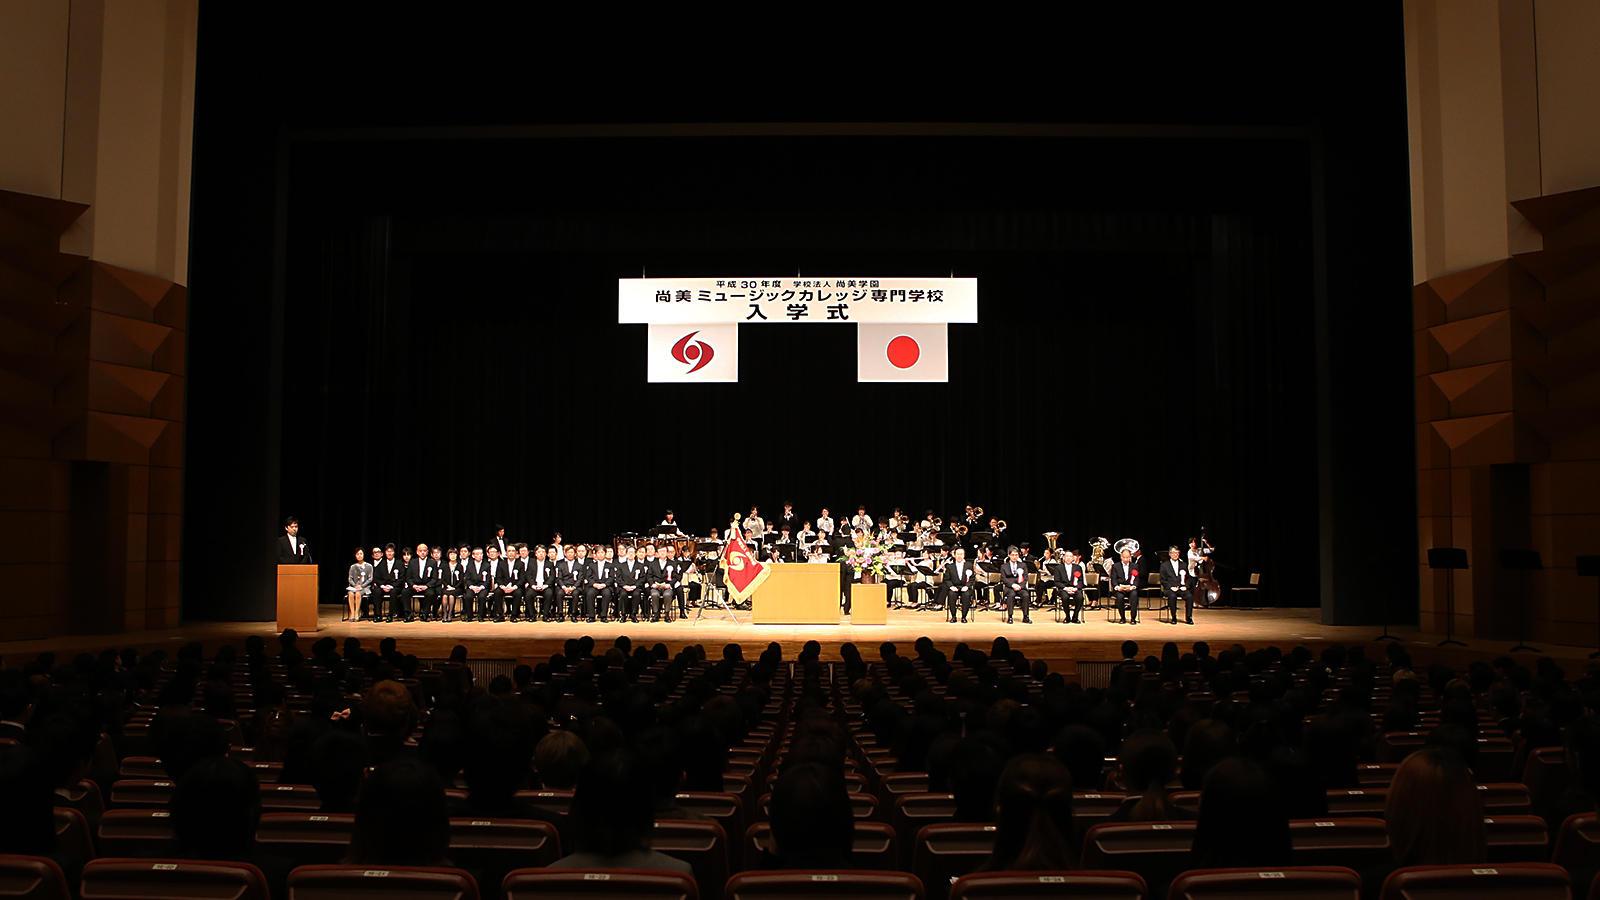 尚美ミュージックカレッジ専門学校 平成30年度入学式を行いました